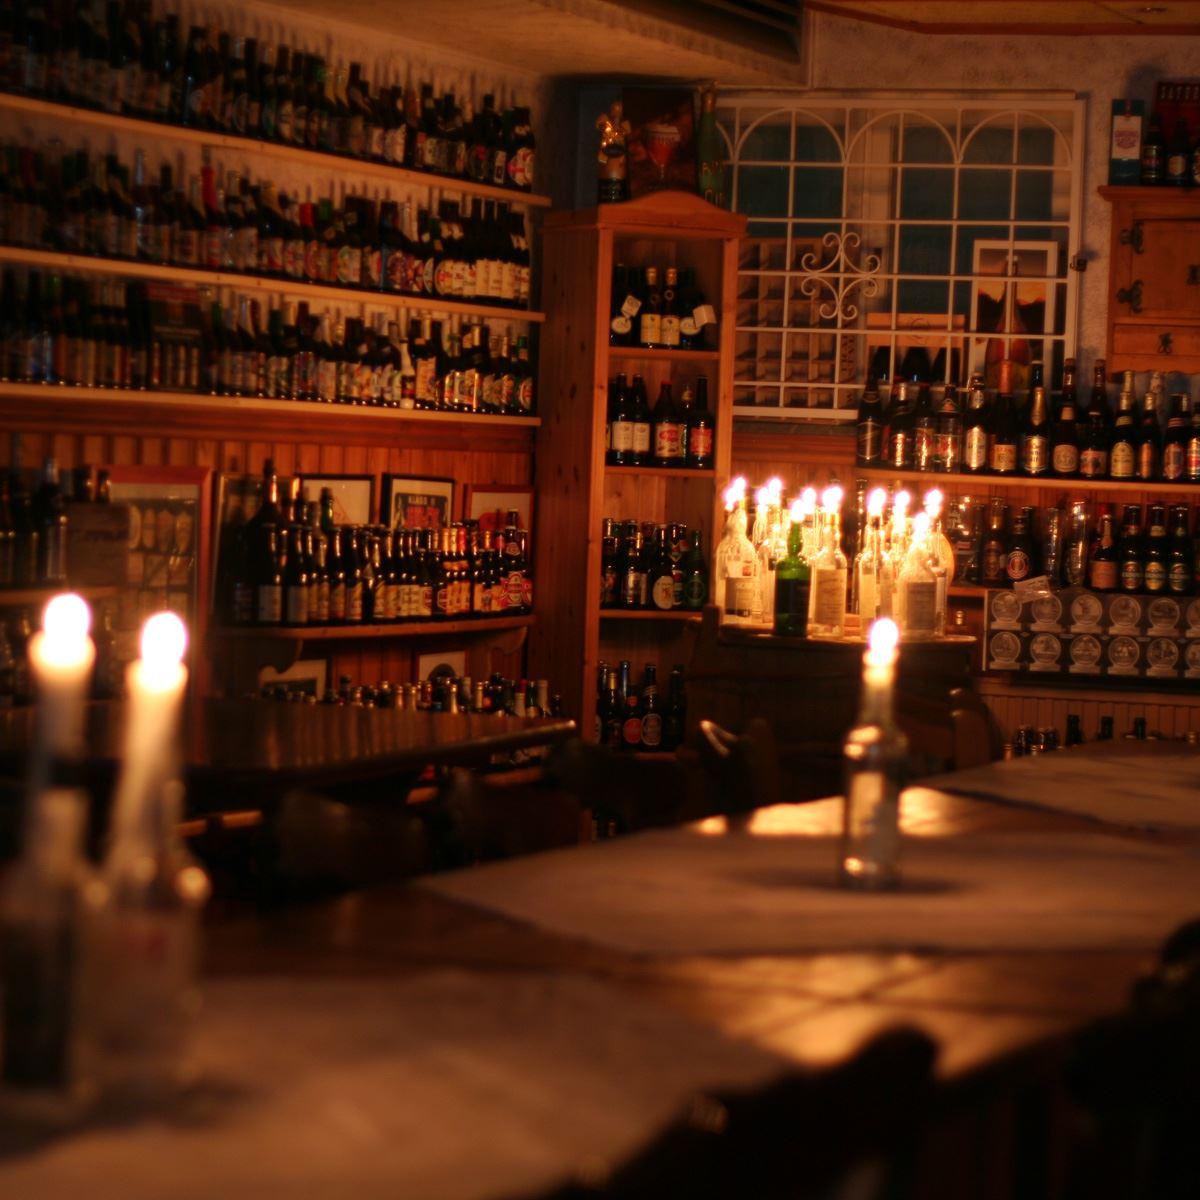 Bredaryd's Inn (Bredaryds wärdshus)